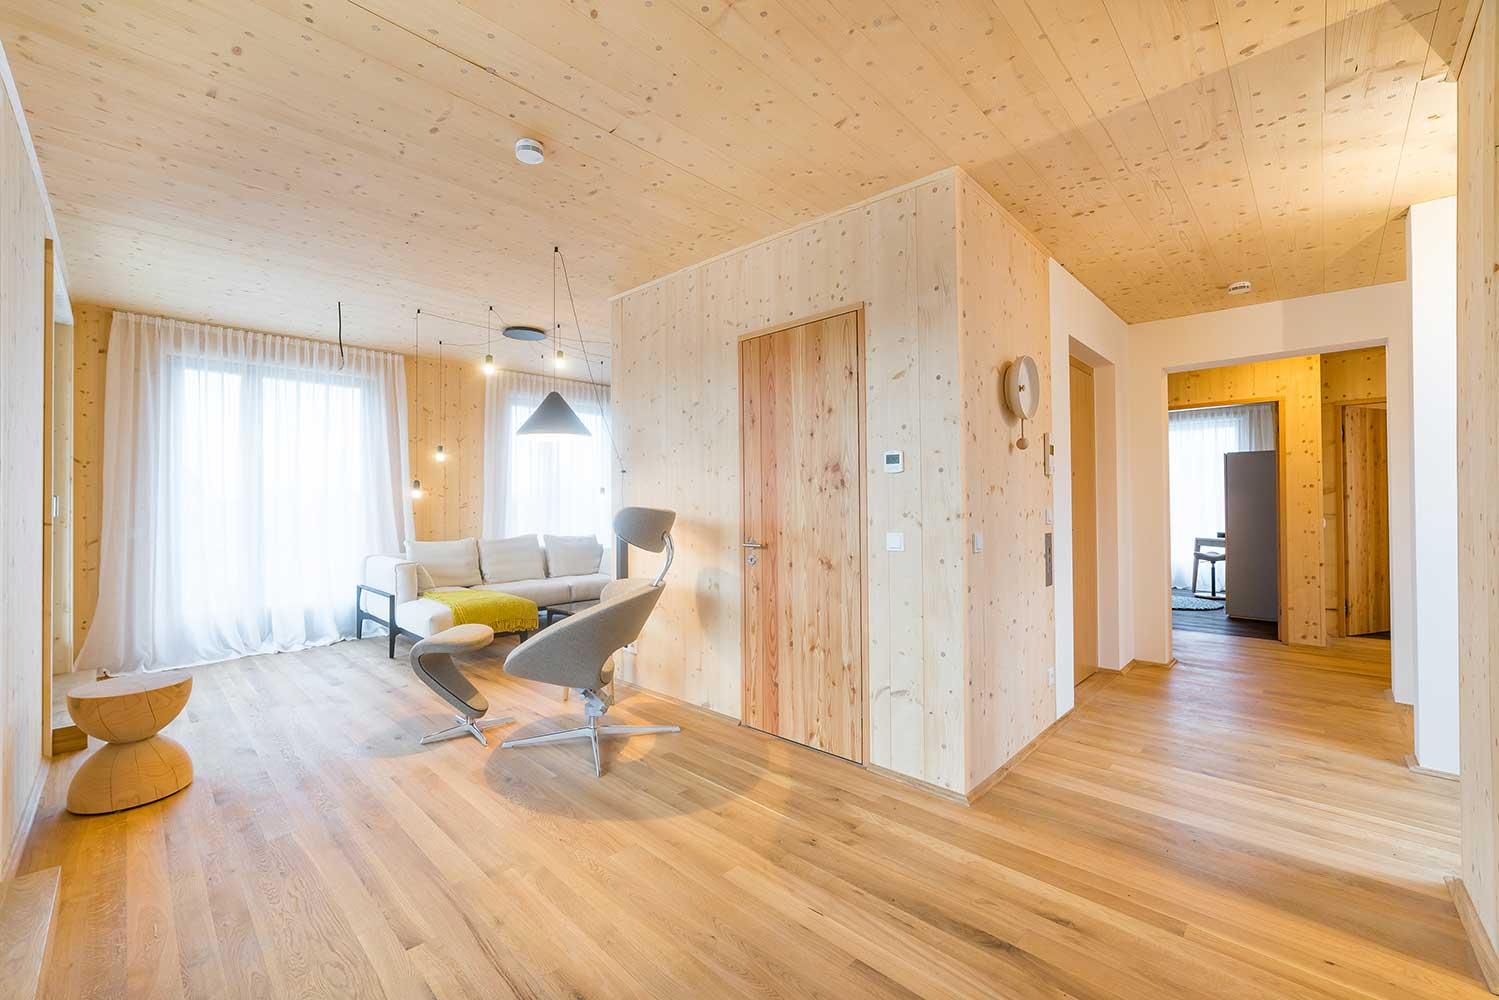 mbr architekten. Black Bedroom Furniture Sets. Home Design Ideas